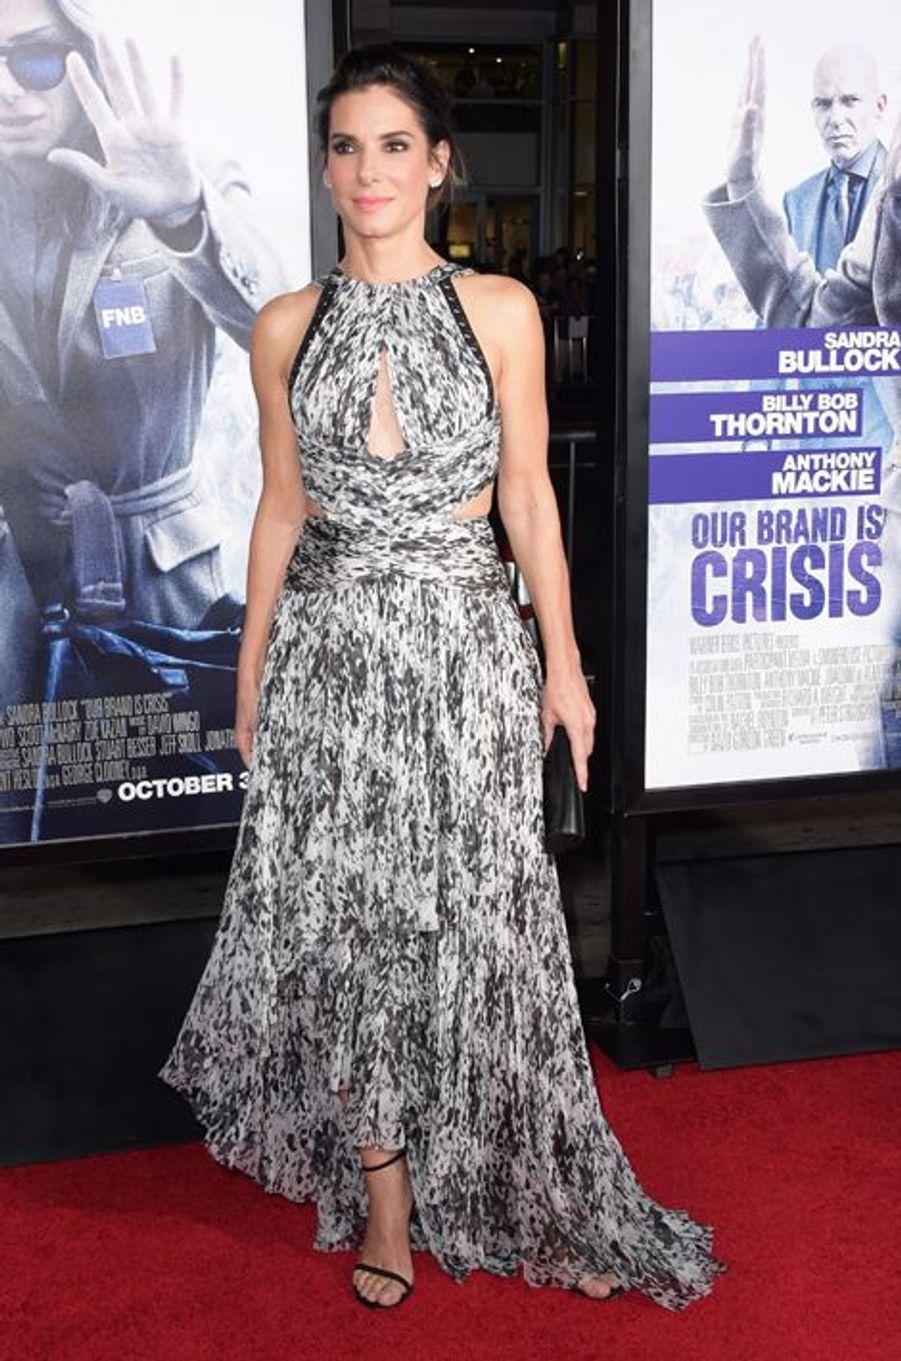 En décembre 2015, l'actriceSandra Bullock a annoncé qu'elle avait adopté une petite fille prénommée Laila. C'est la deuxième fois que l'...